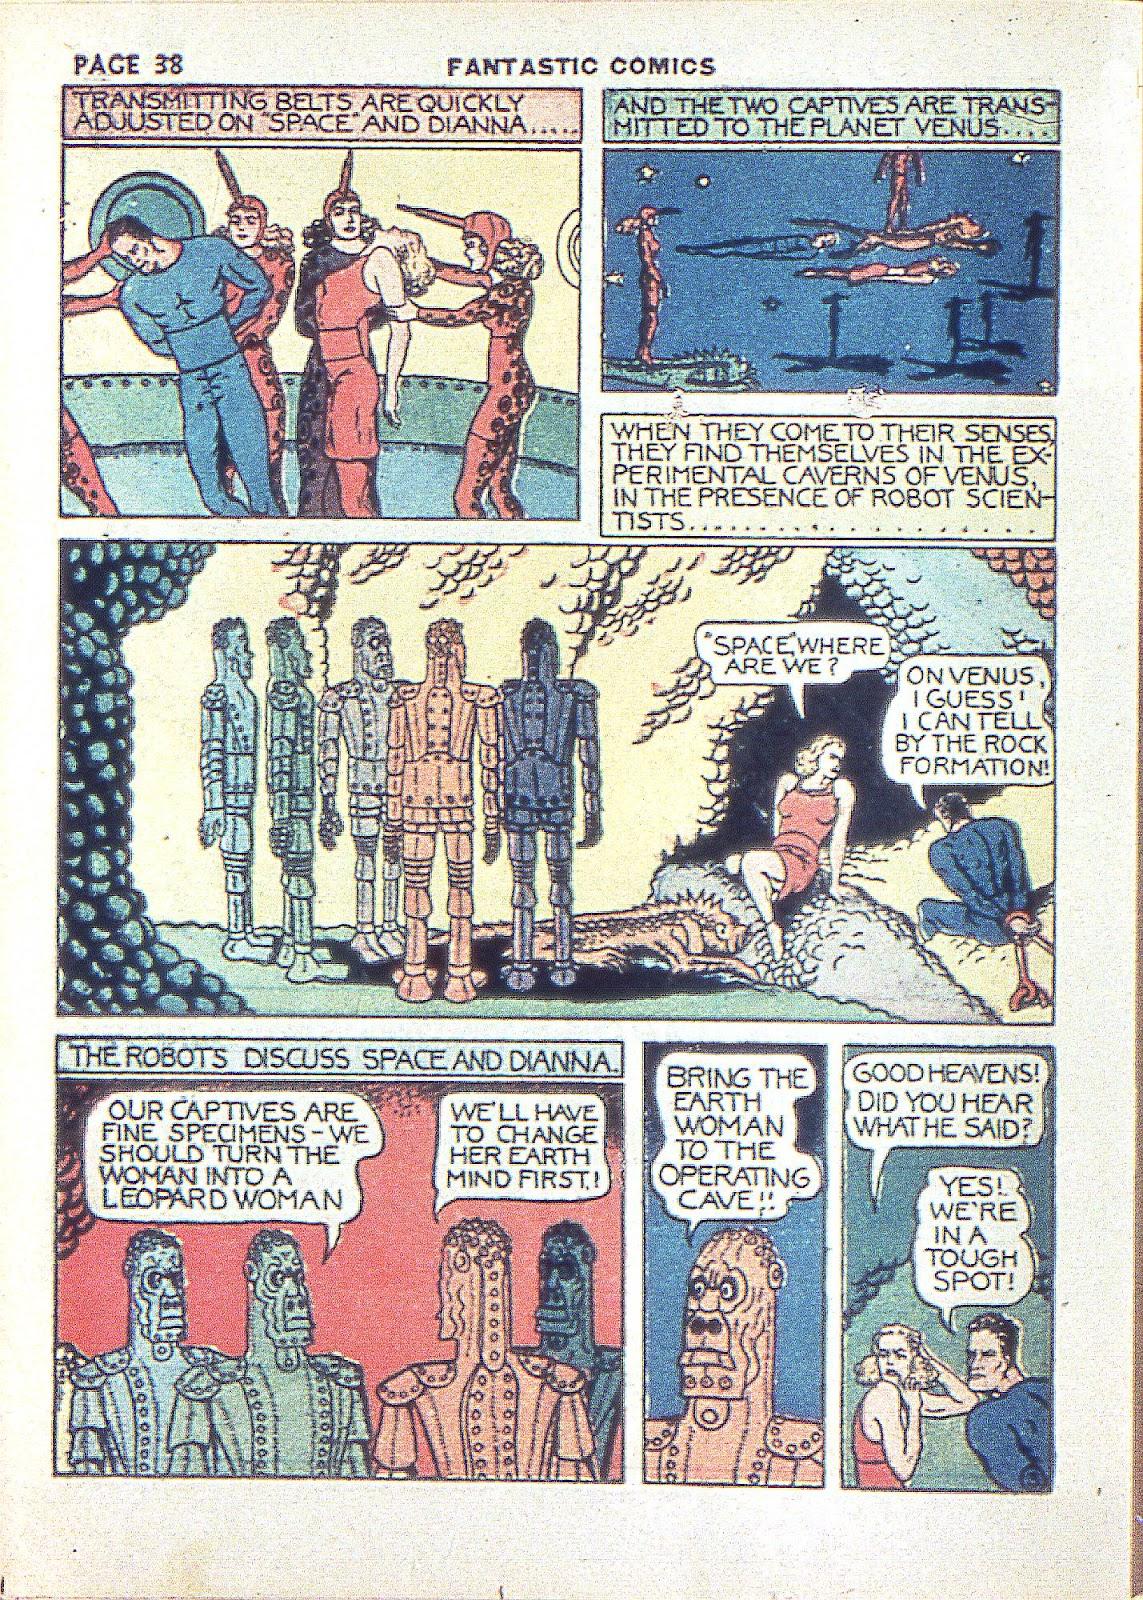 Read online Fantastic Comics comic -  Issue #3 - 40